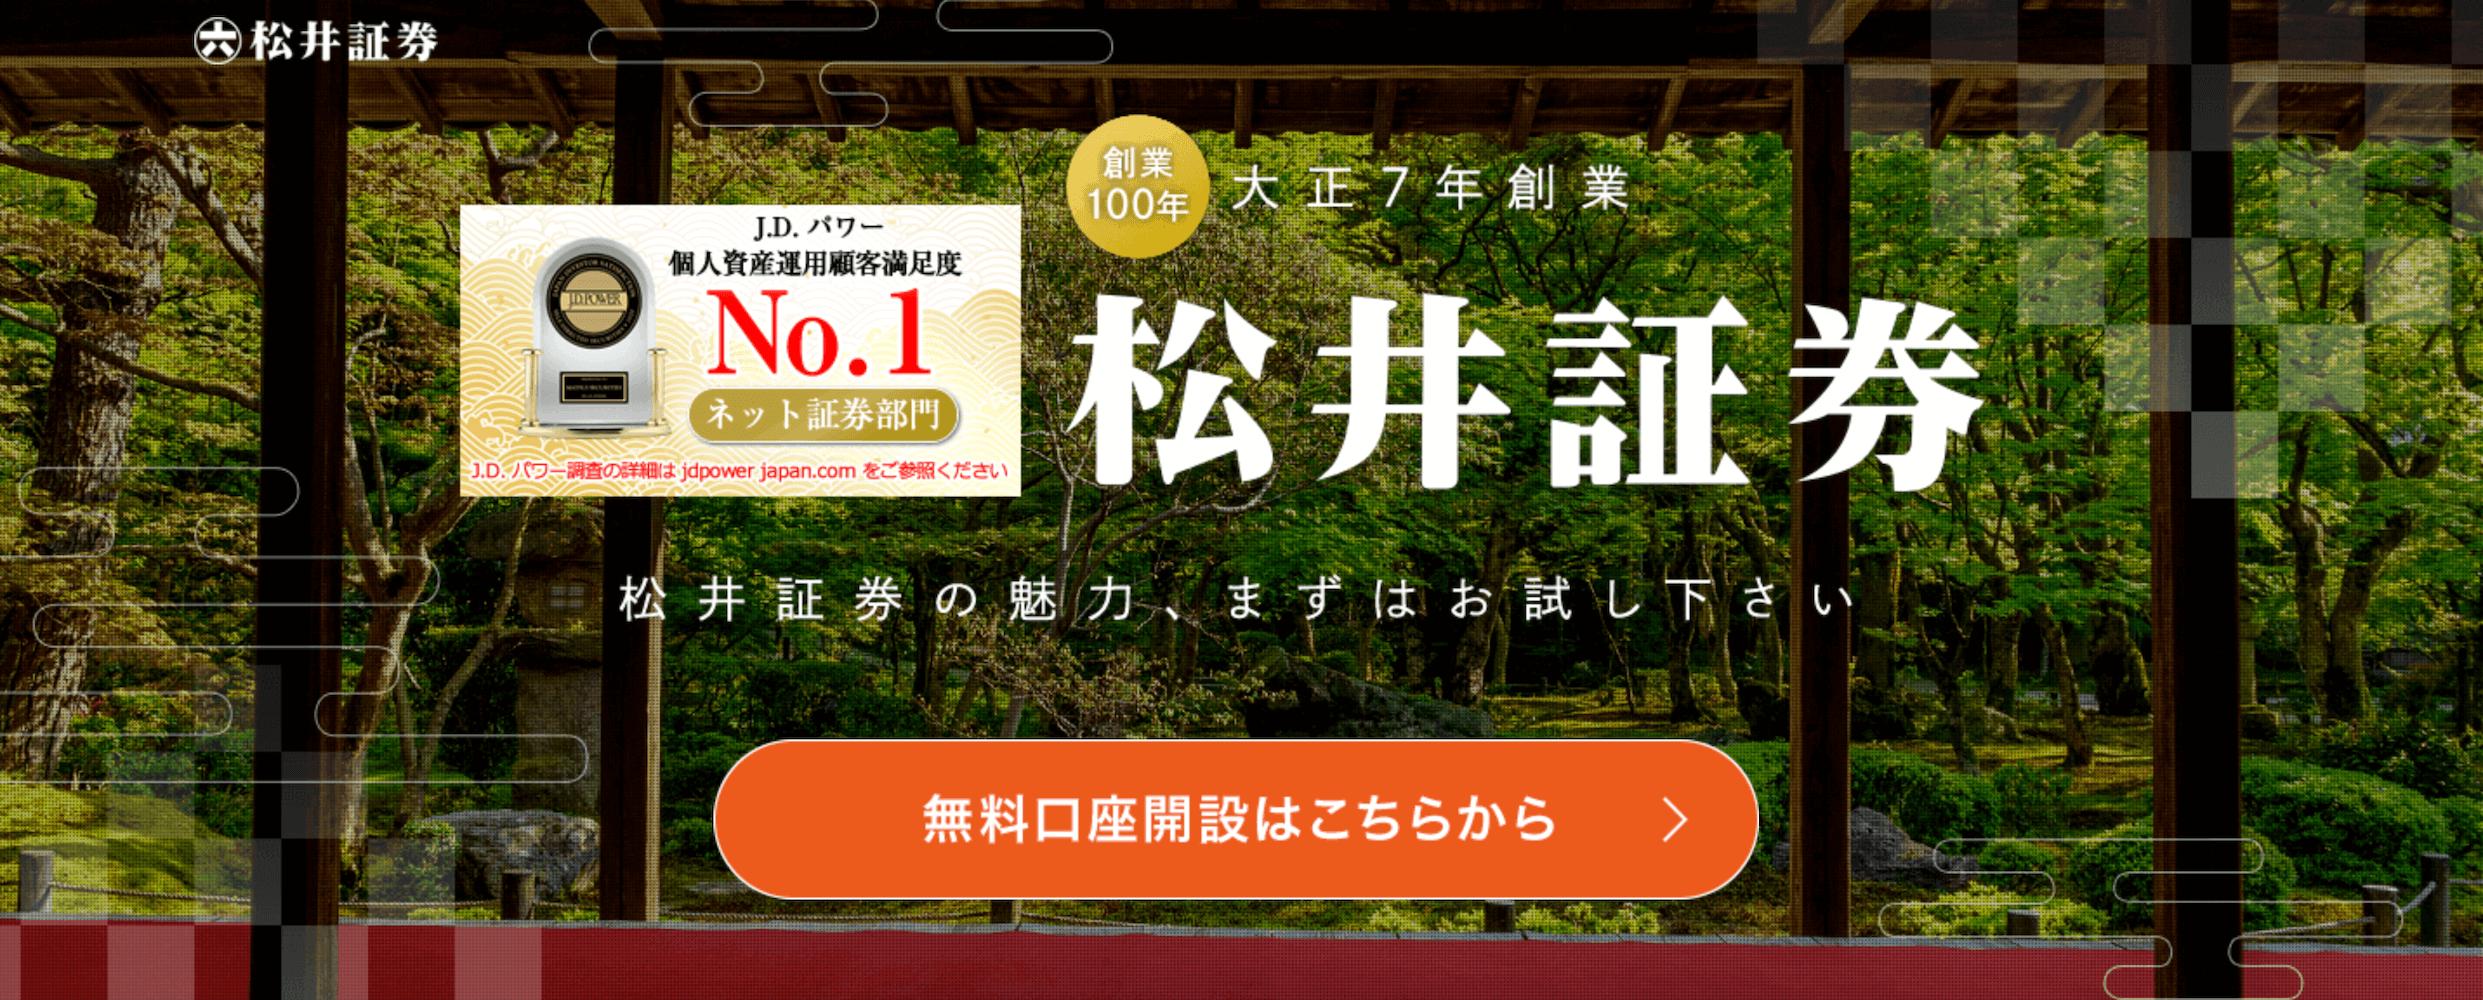 松井証券のLP画像